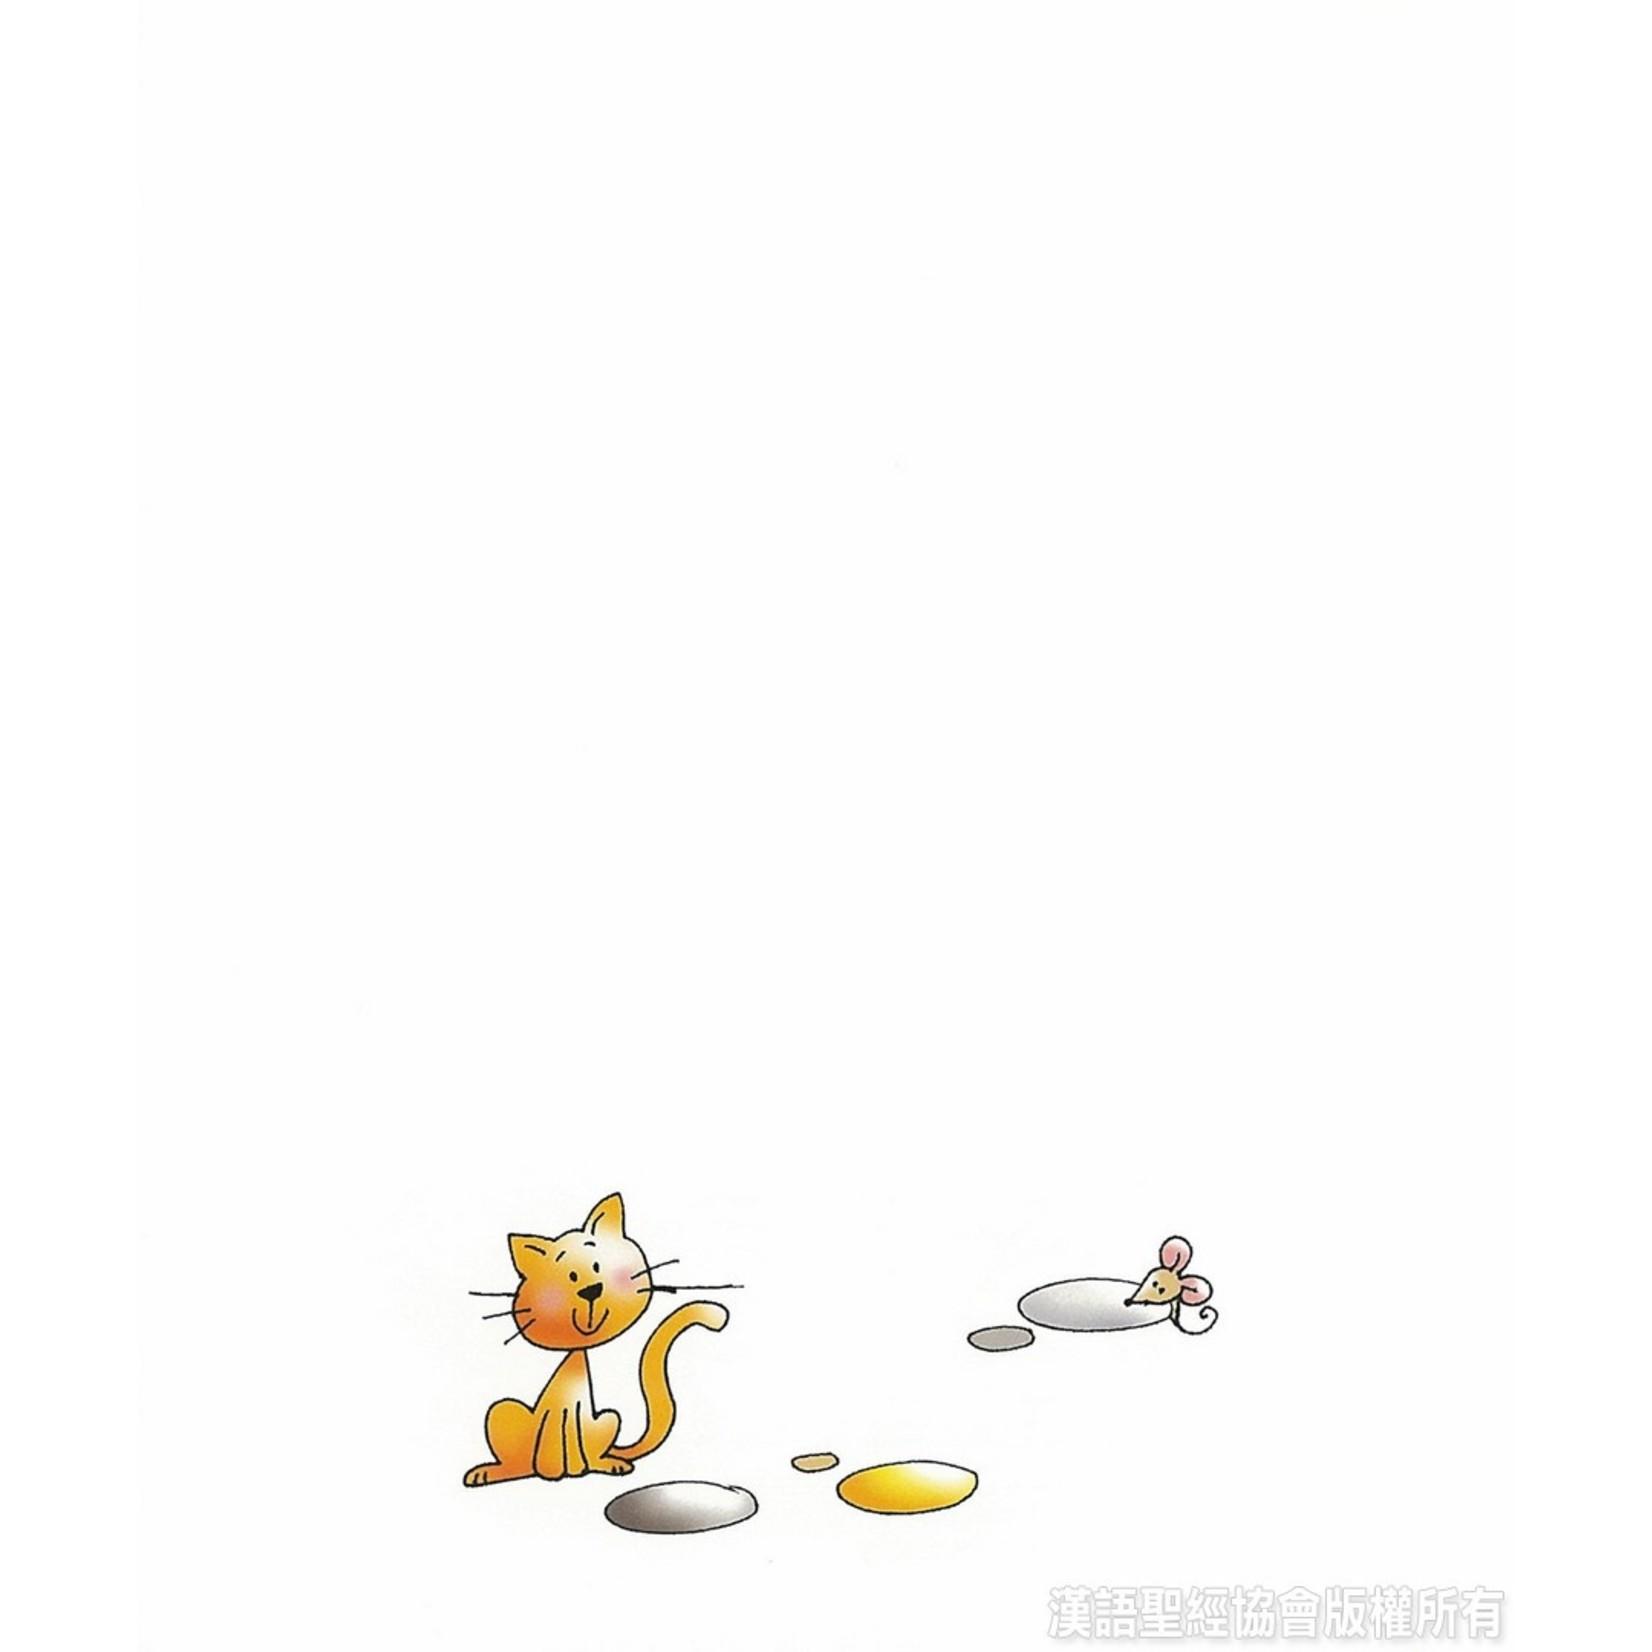 漢語聖經協會 Chinese Bible International 小淘氣聖經(中英對照)(繁體) BIBLE for Toddlers - Chinese/English (Hardcover)